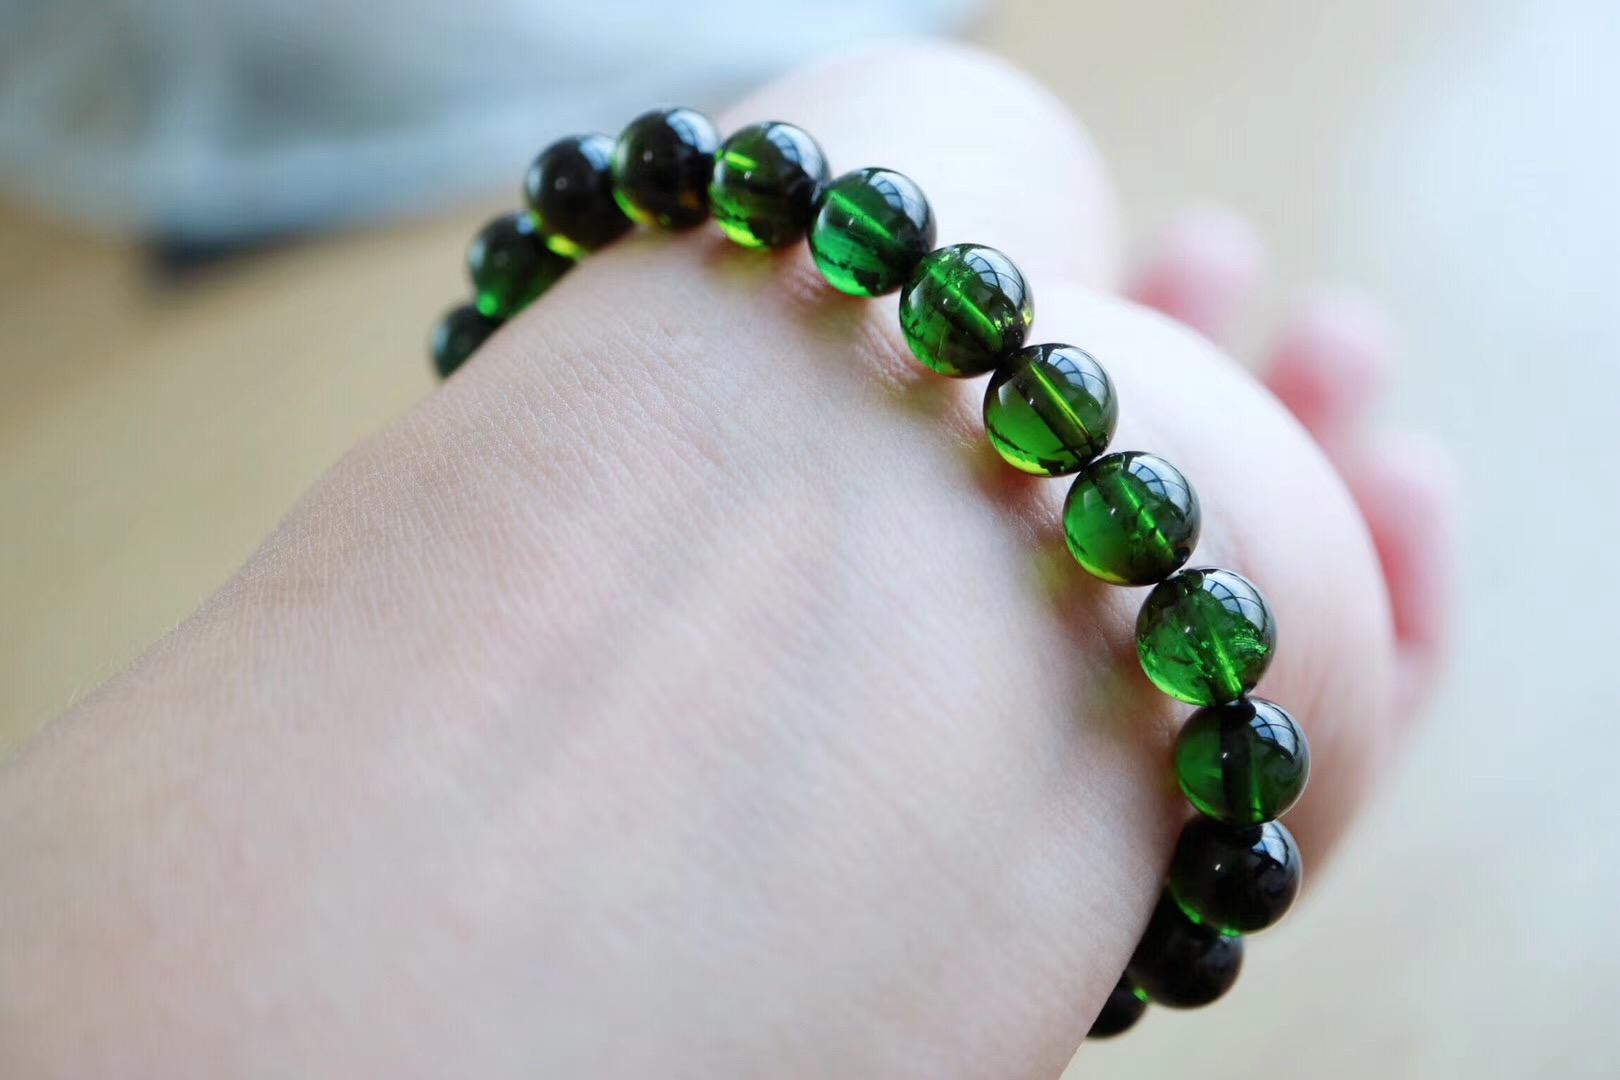 【碧玺】绿碧玺象征着希望和健康-菩心晶舍